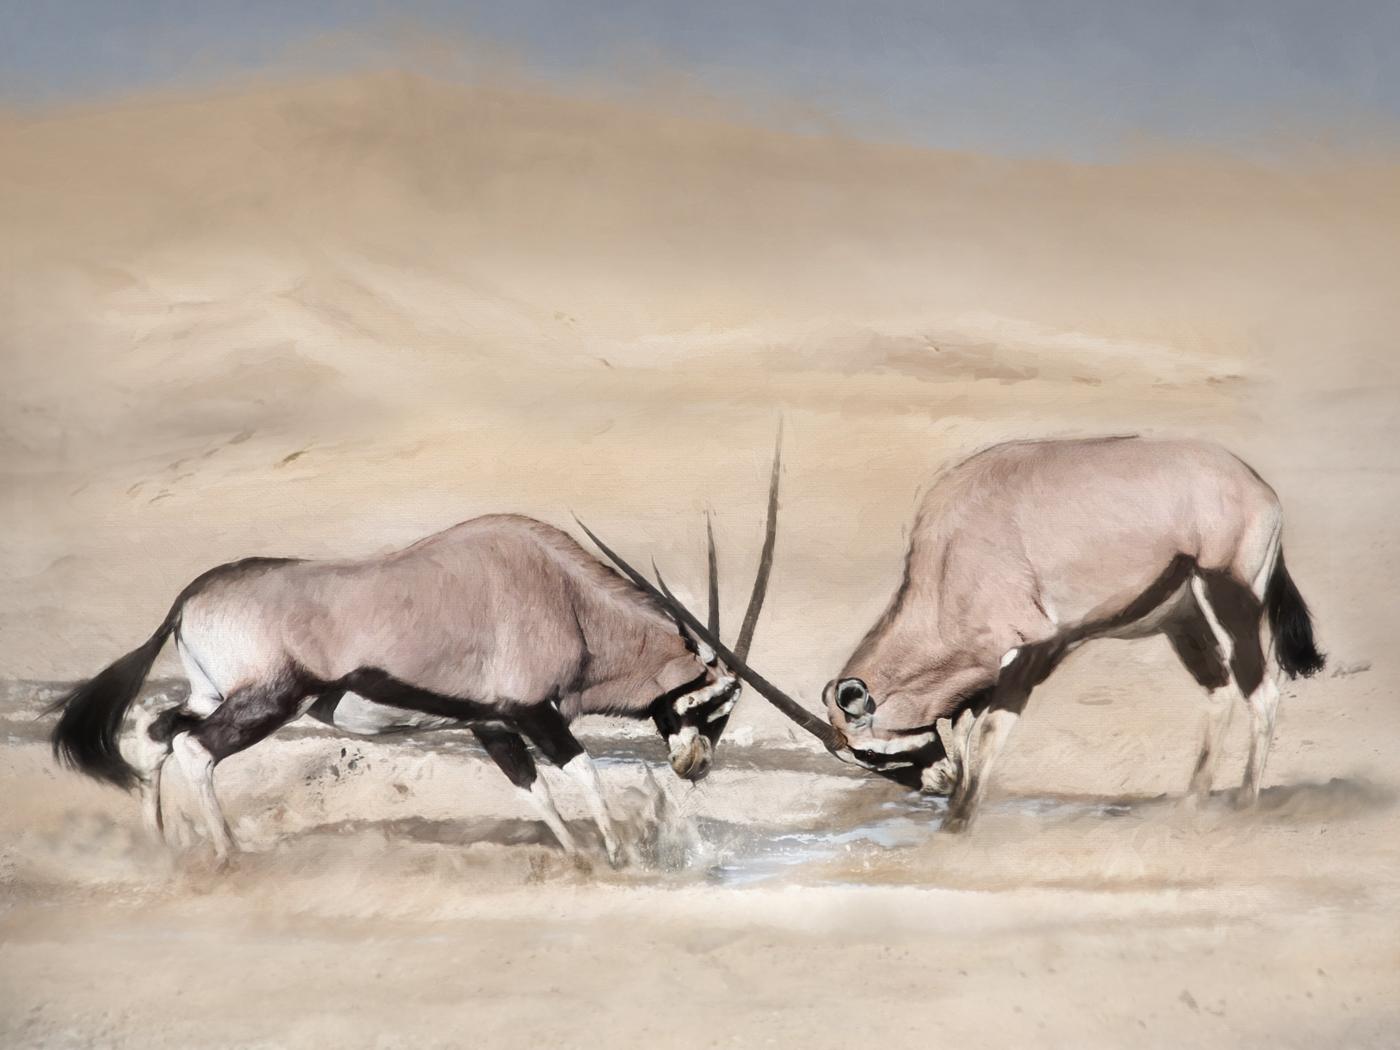 gemsbok in dunes